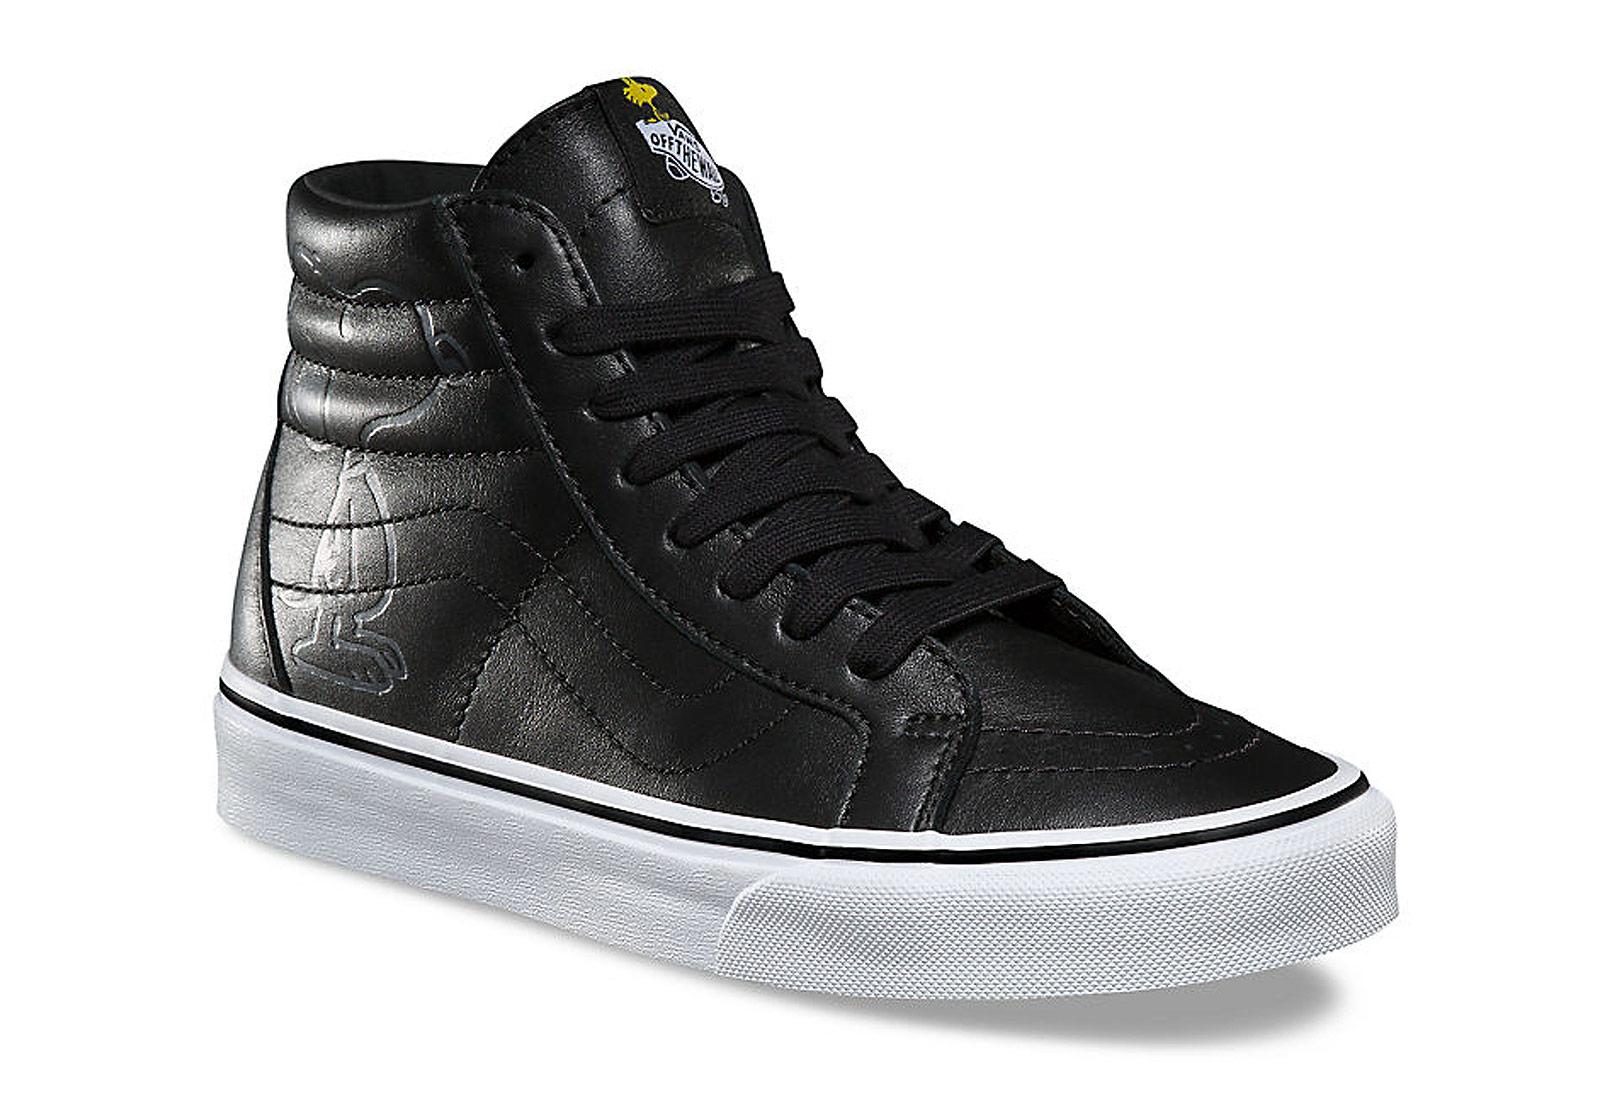 Vans Duboke Patike Vans X Peanuts SK8-Hi Reissue Shoes